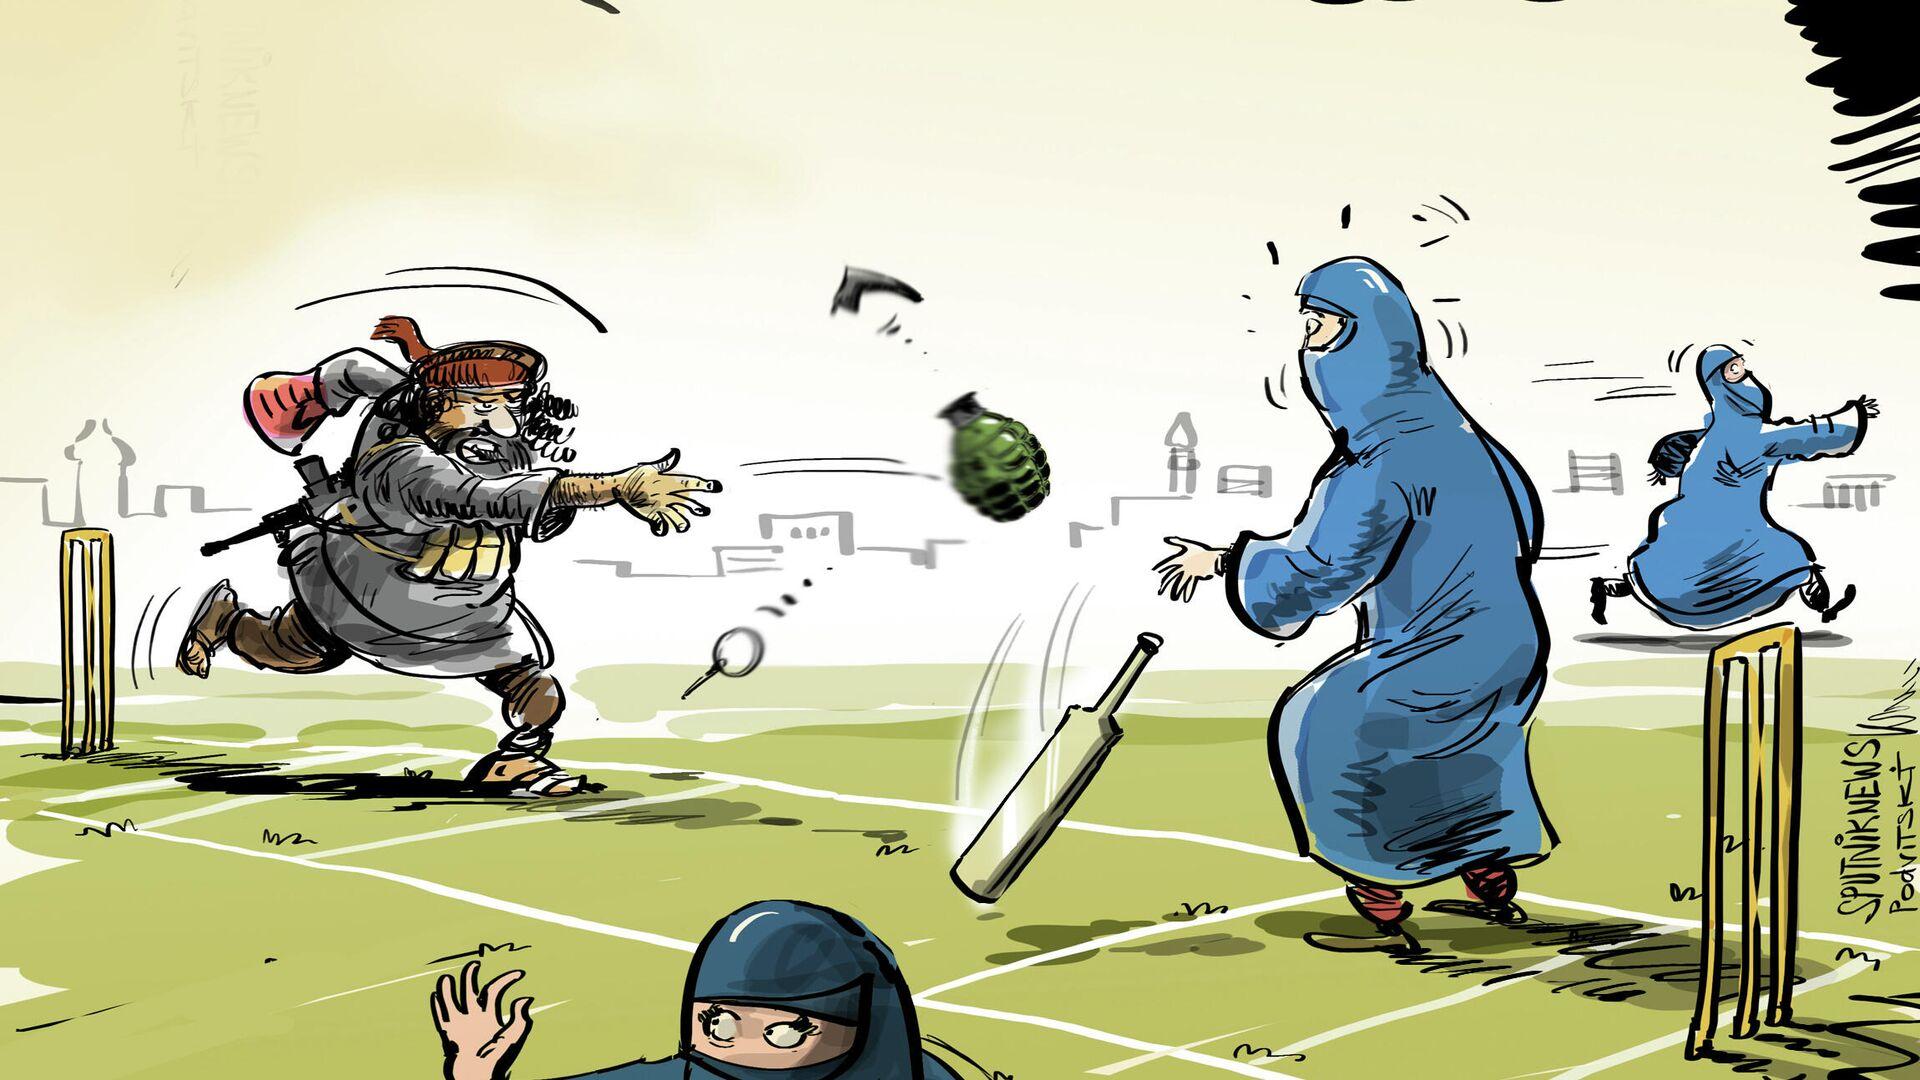 Karikatura / Ženám v Afghánistánu může být zakázáno hrát kriket - Sputnik Česká republika, 1920, 08.09.2021